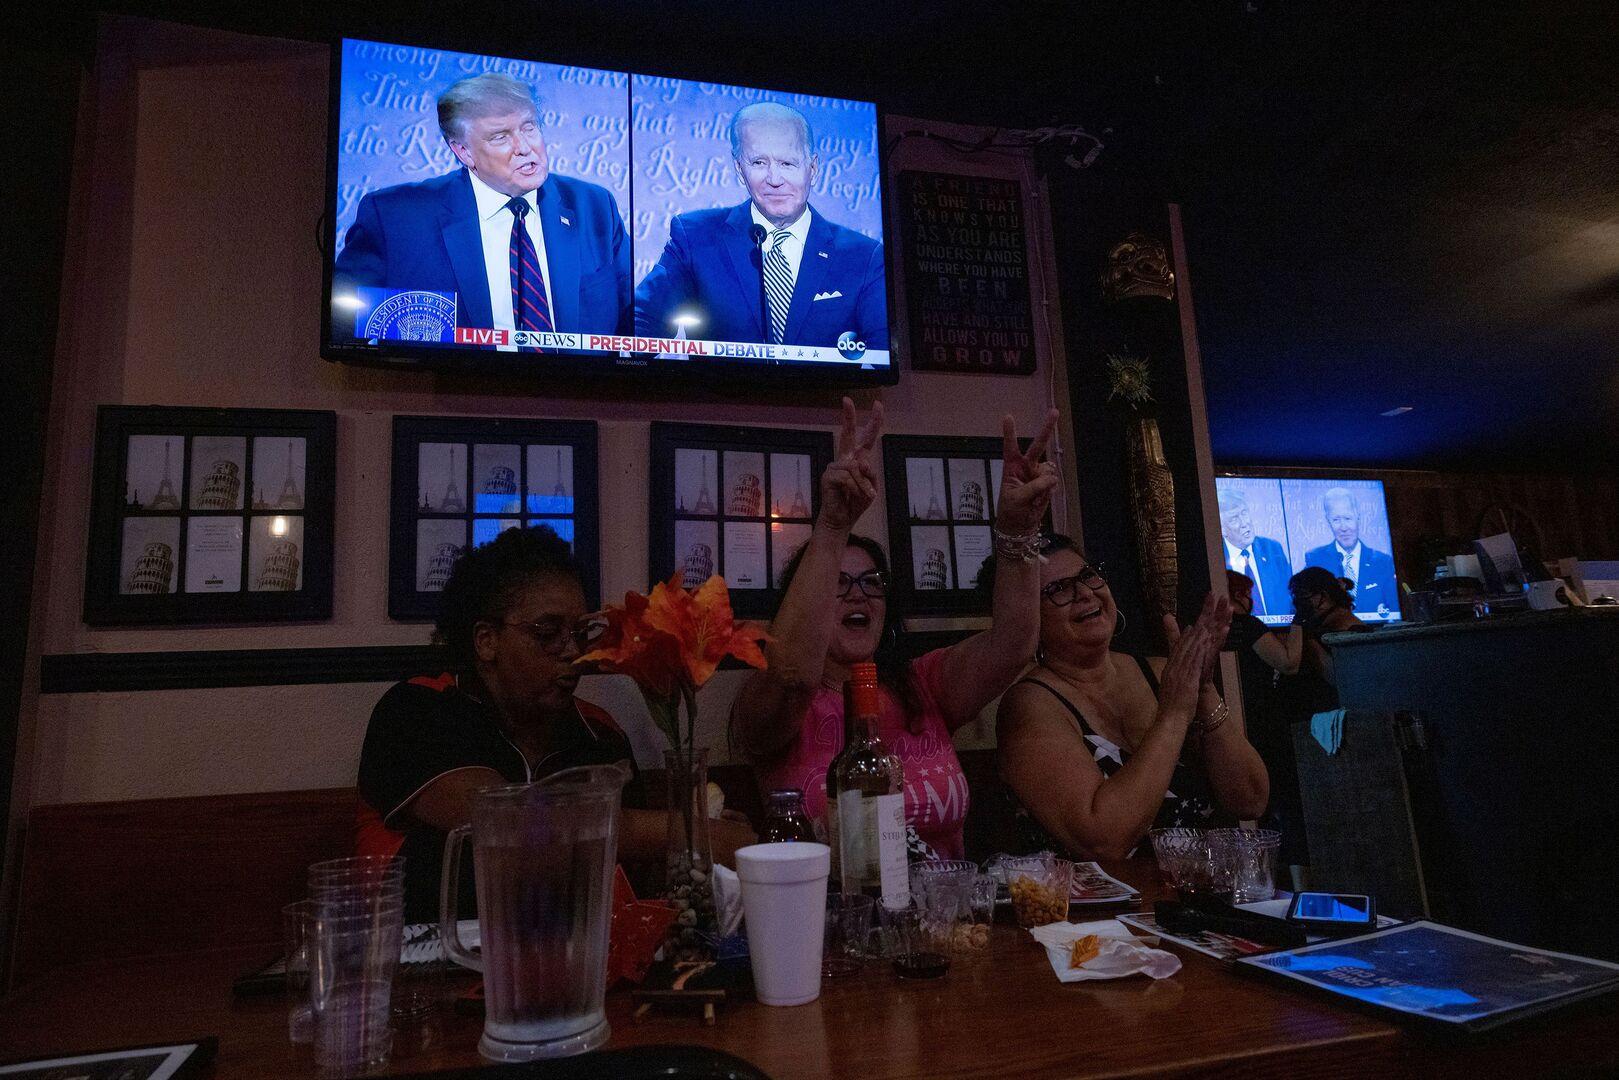 بايدن يرد على ترامب بصورة لسماعة وآيس كريم